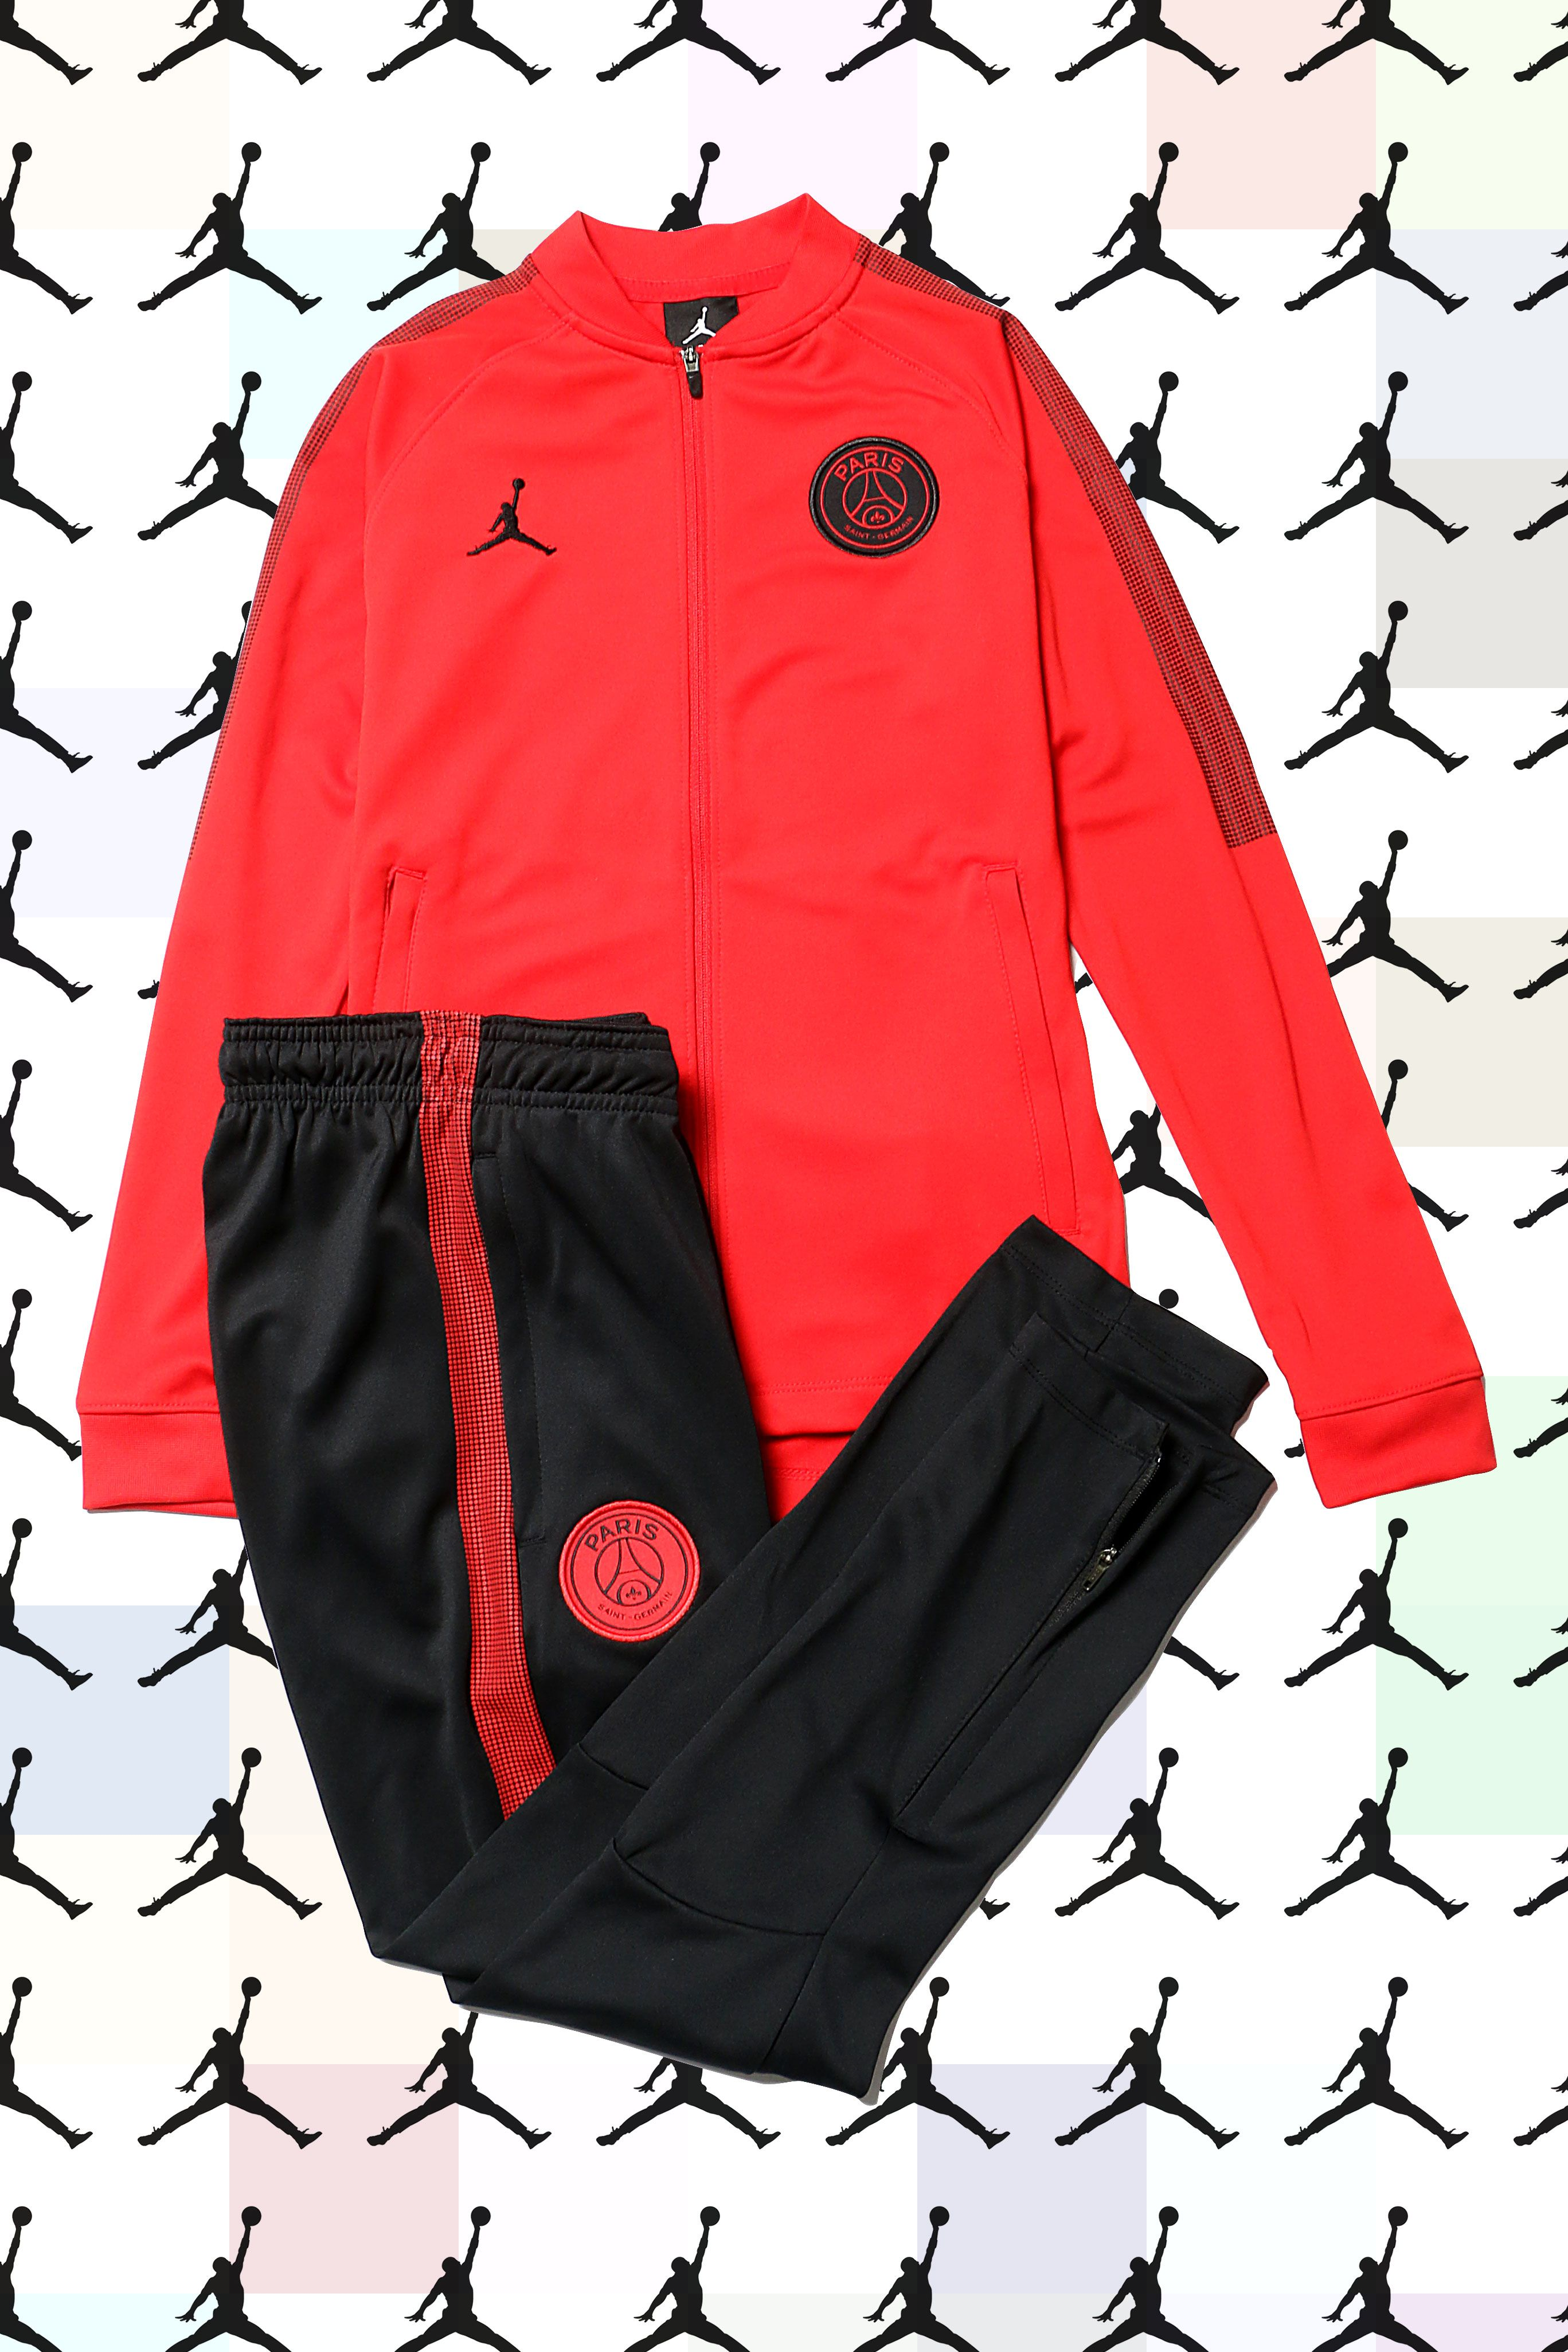 206f7851d Chándal Nike #PSG niño paseo UCL Squad 18 2019 El PSG vestirá la marca  @Jordan, de Nike, para la temporada 2018 - 2019 de #Champions.